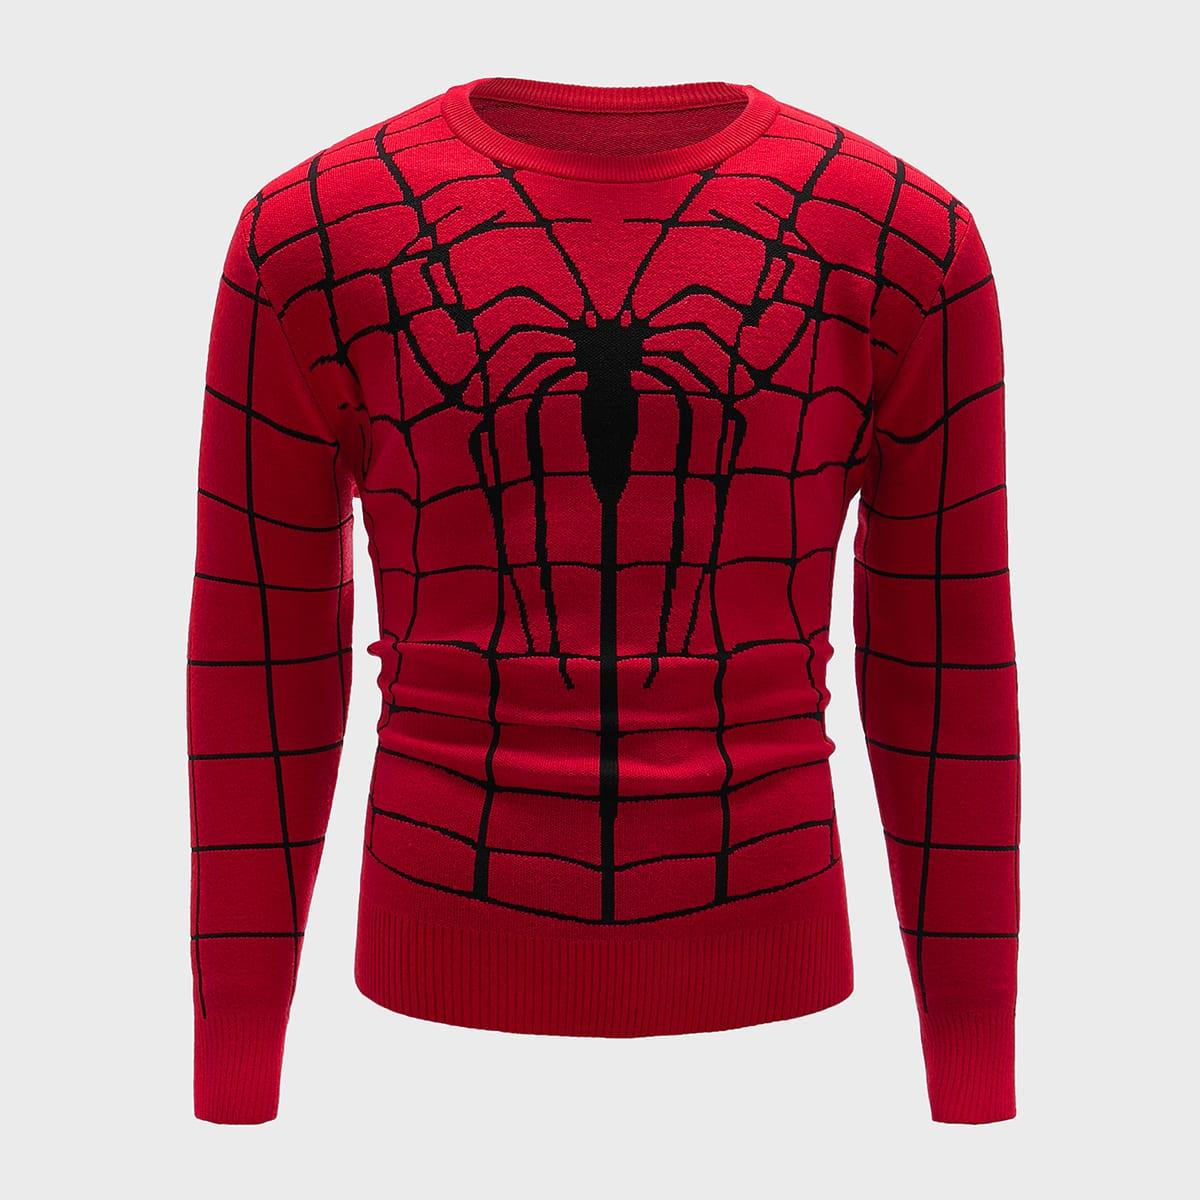 Мужской свитер с оригинальным принтом